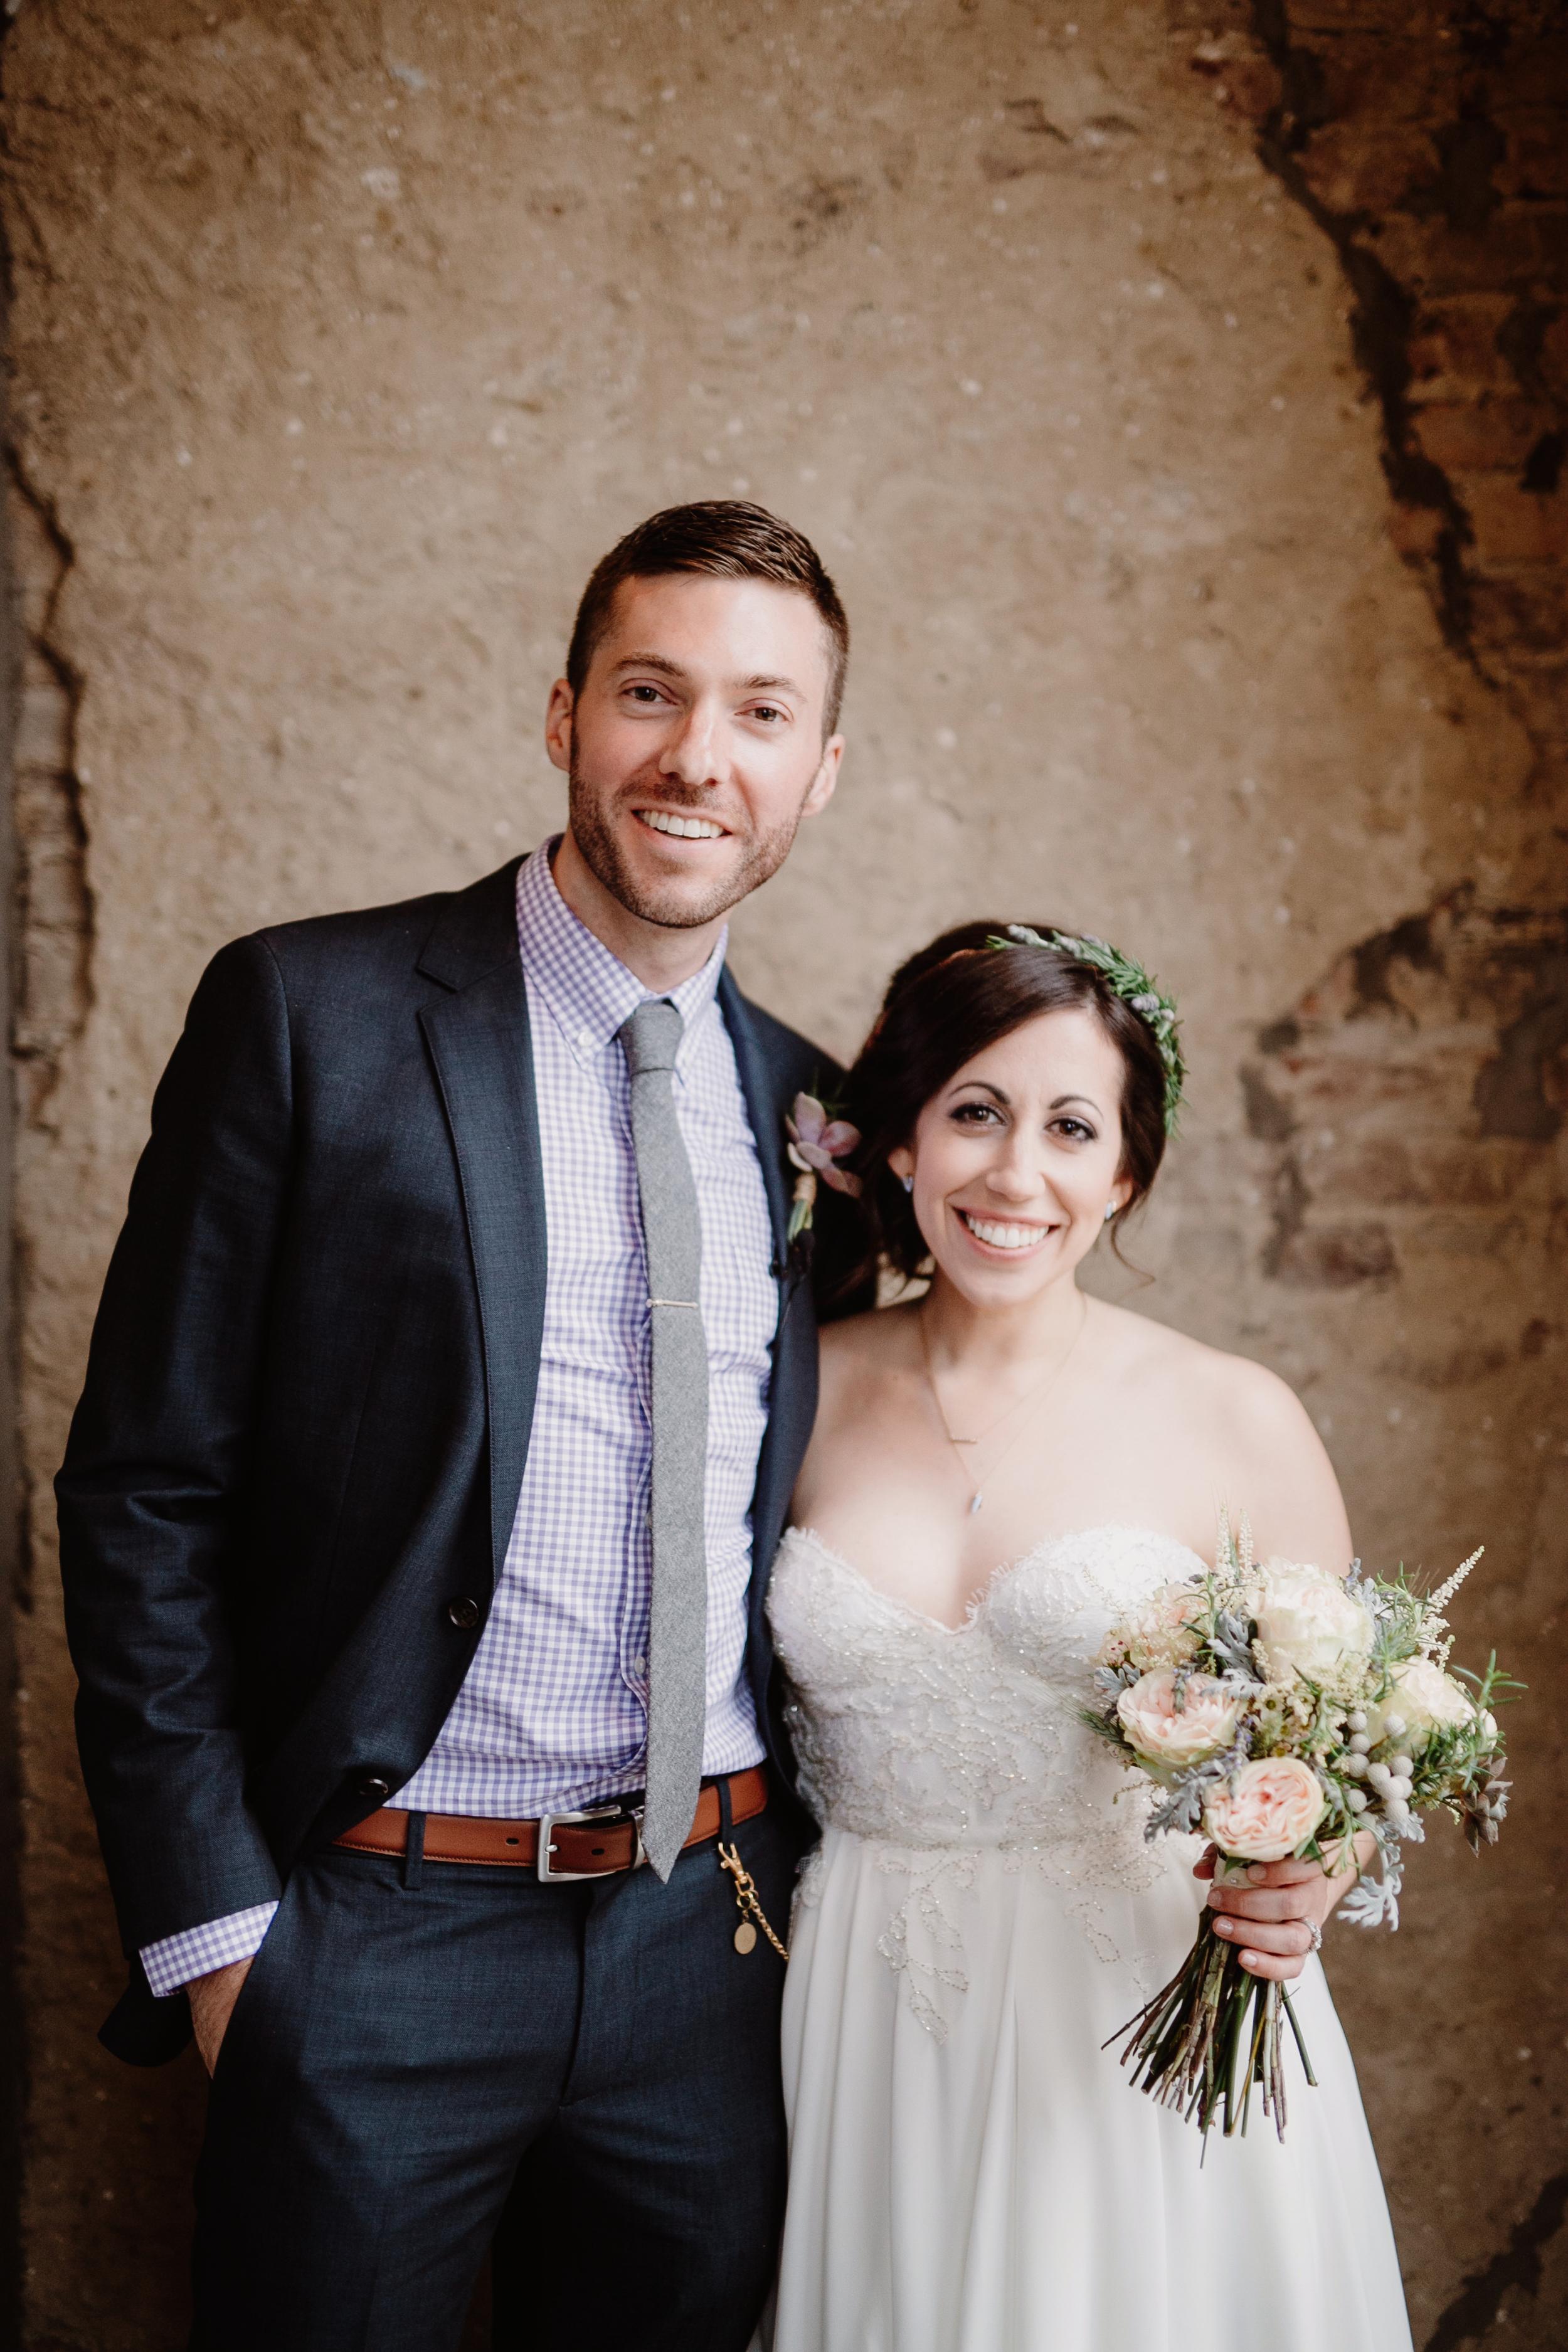 Nashville Bride and Groom // Wedding Floral Design